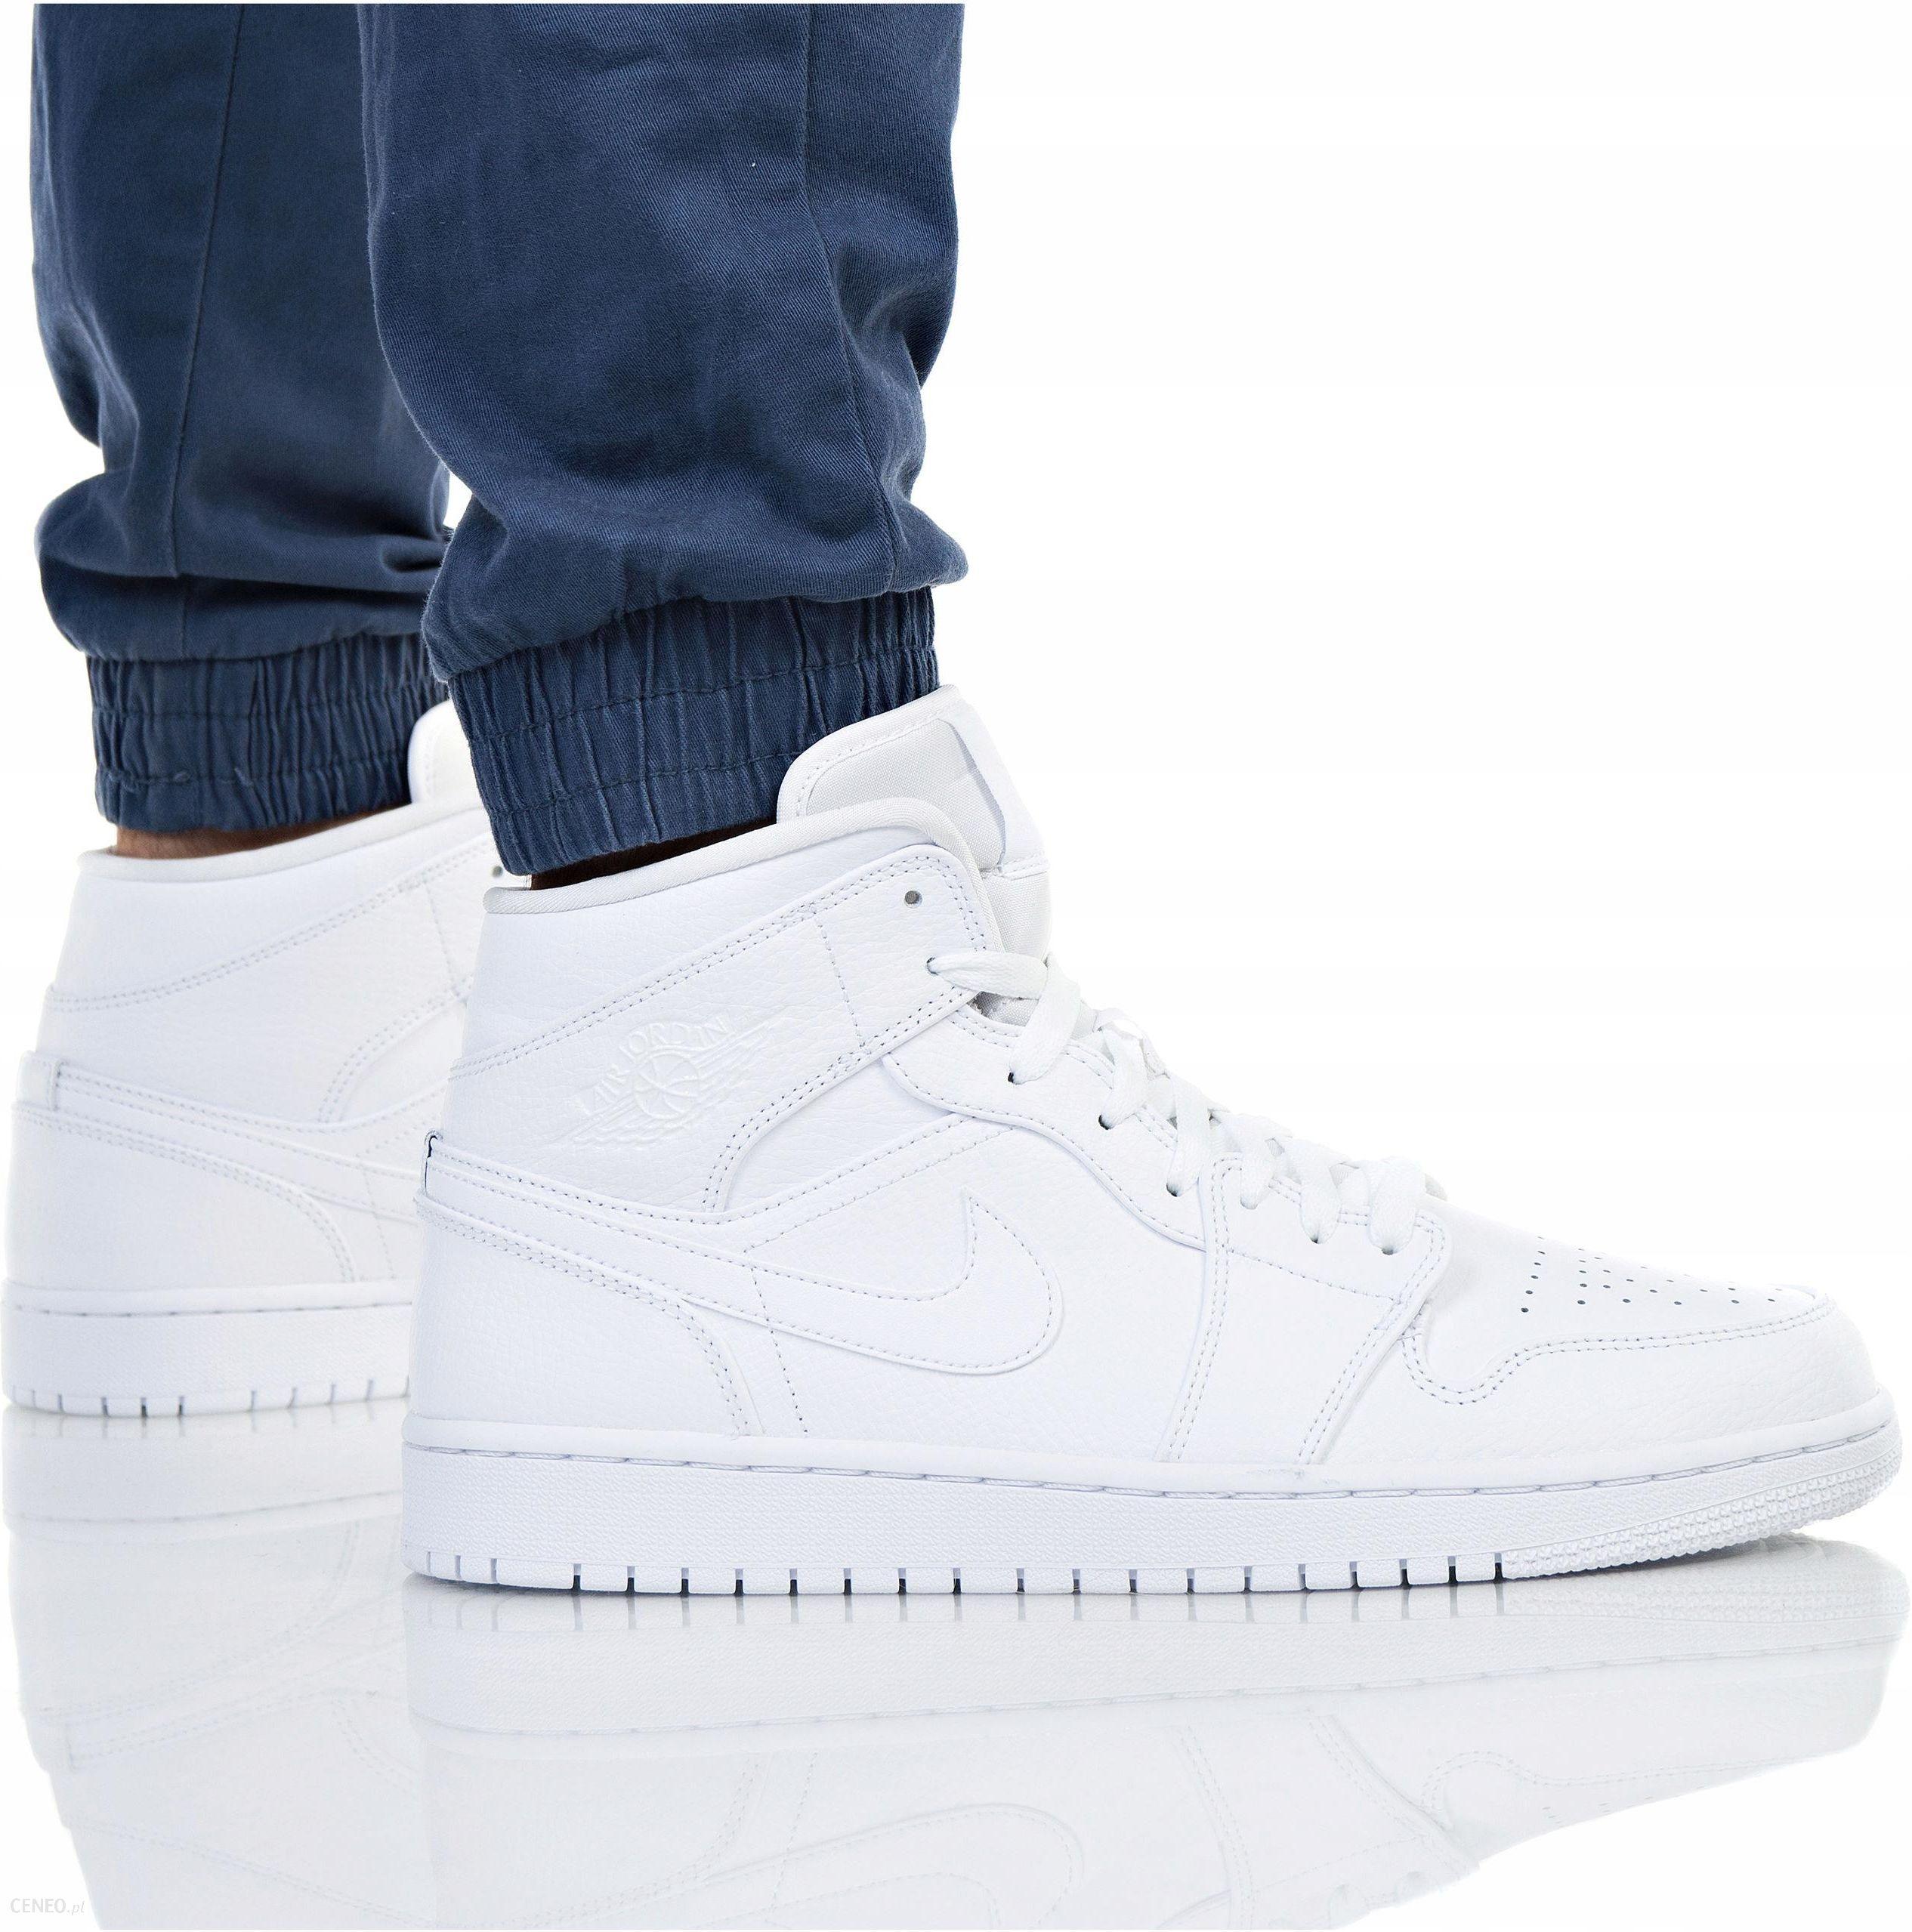 Buty Nike Męskie Air Jordan 1 MID 554724 129 Ceny i opinie Ceneo.pl